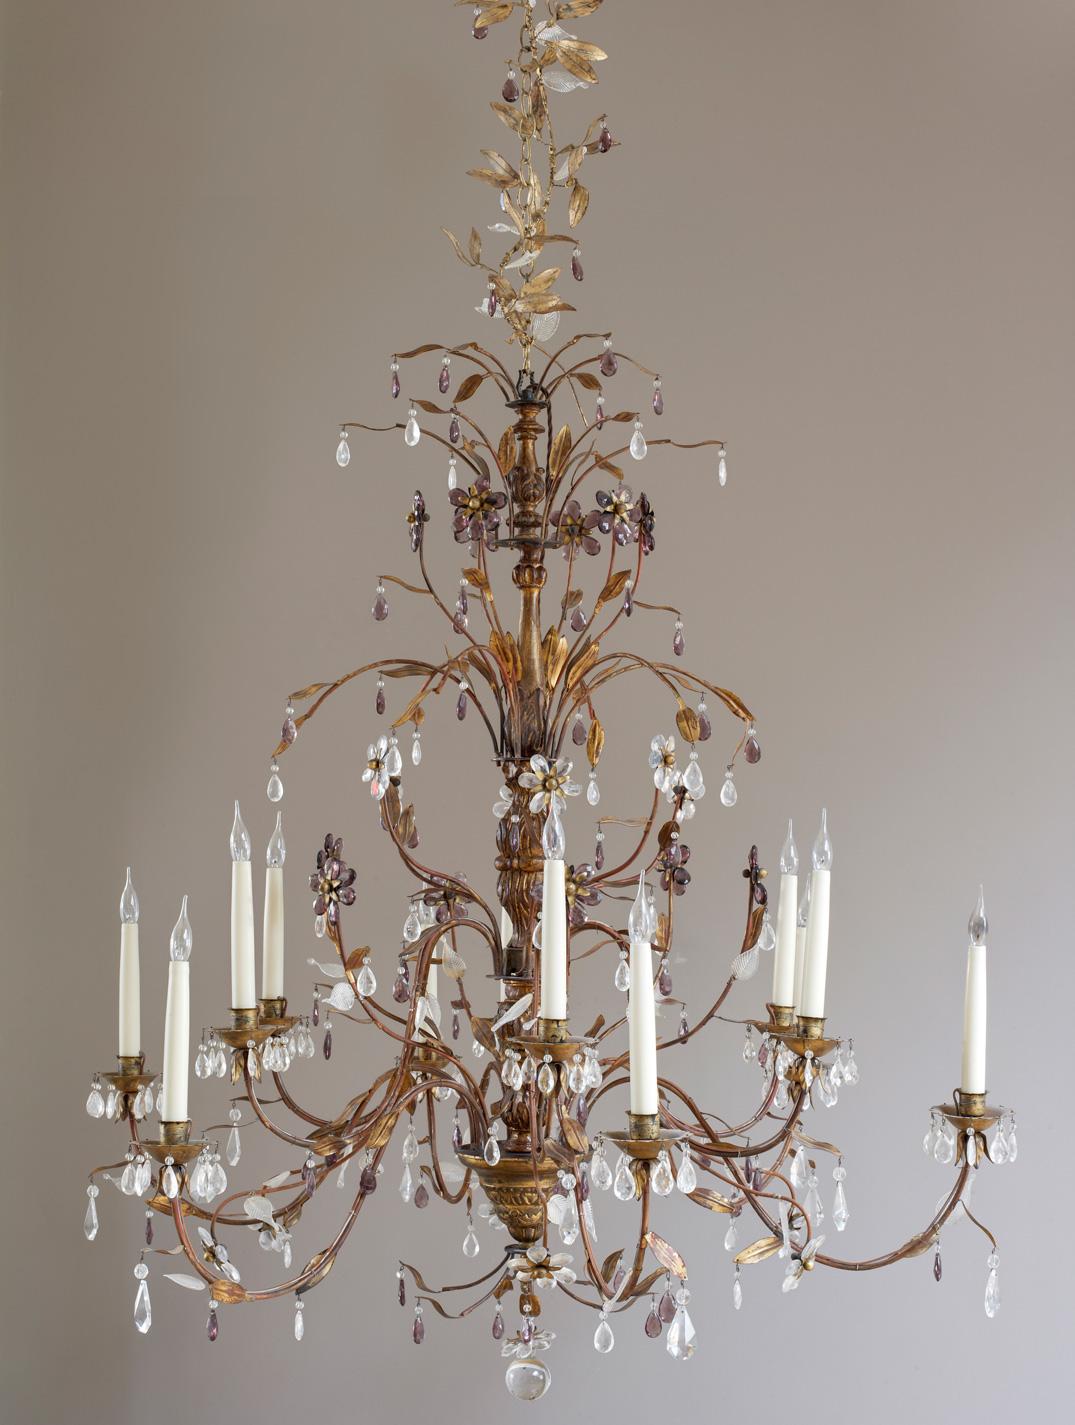 Genoese style chandelier.